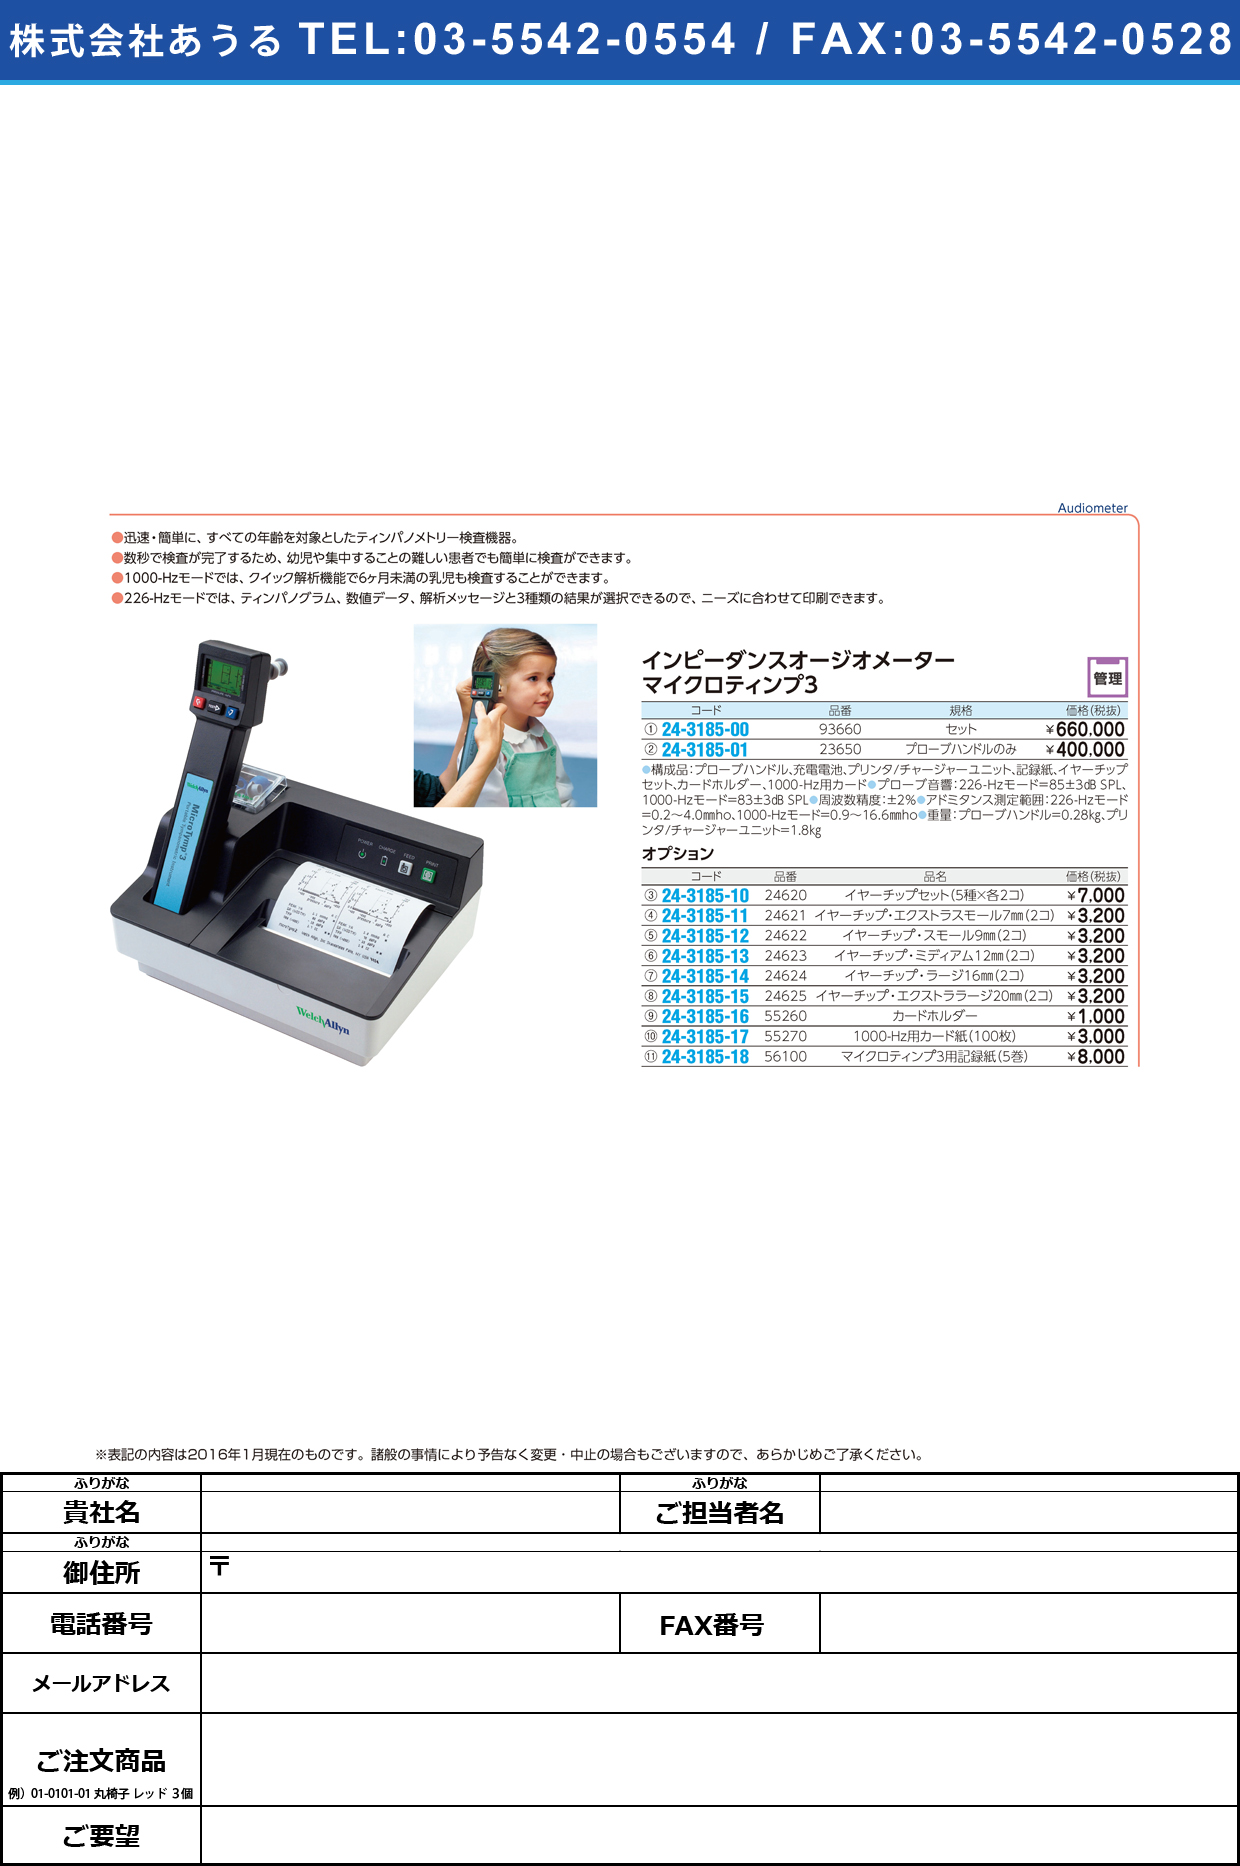 マイクロティンプ3プローブハンドル  マイクロティンププローブハンドル 23650【1台単位】